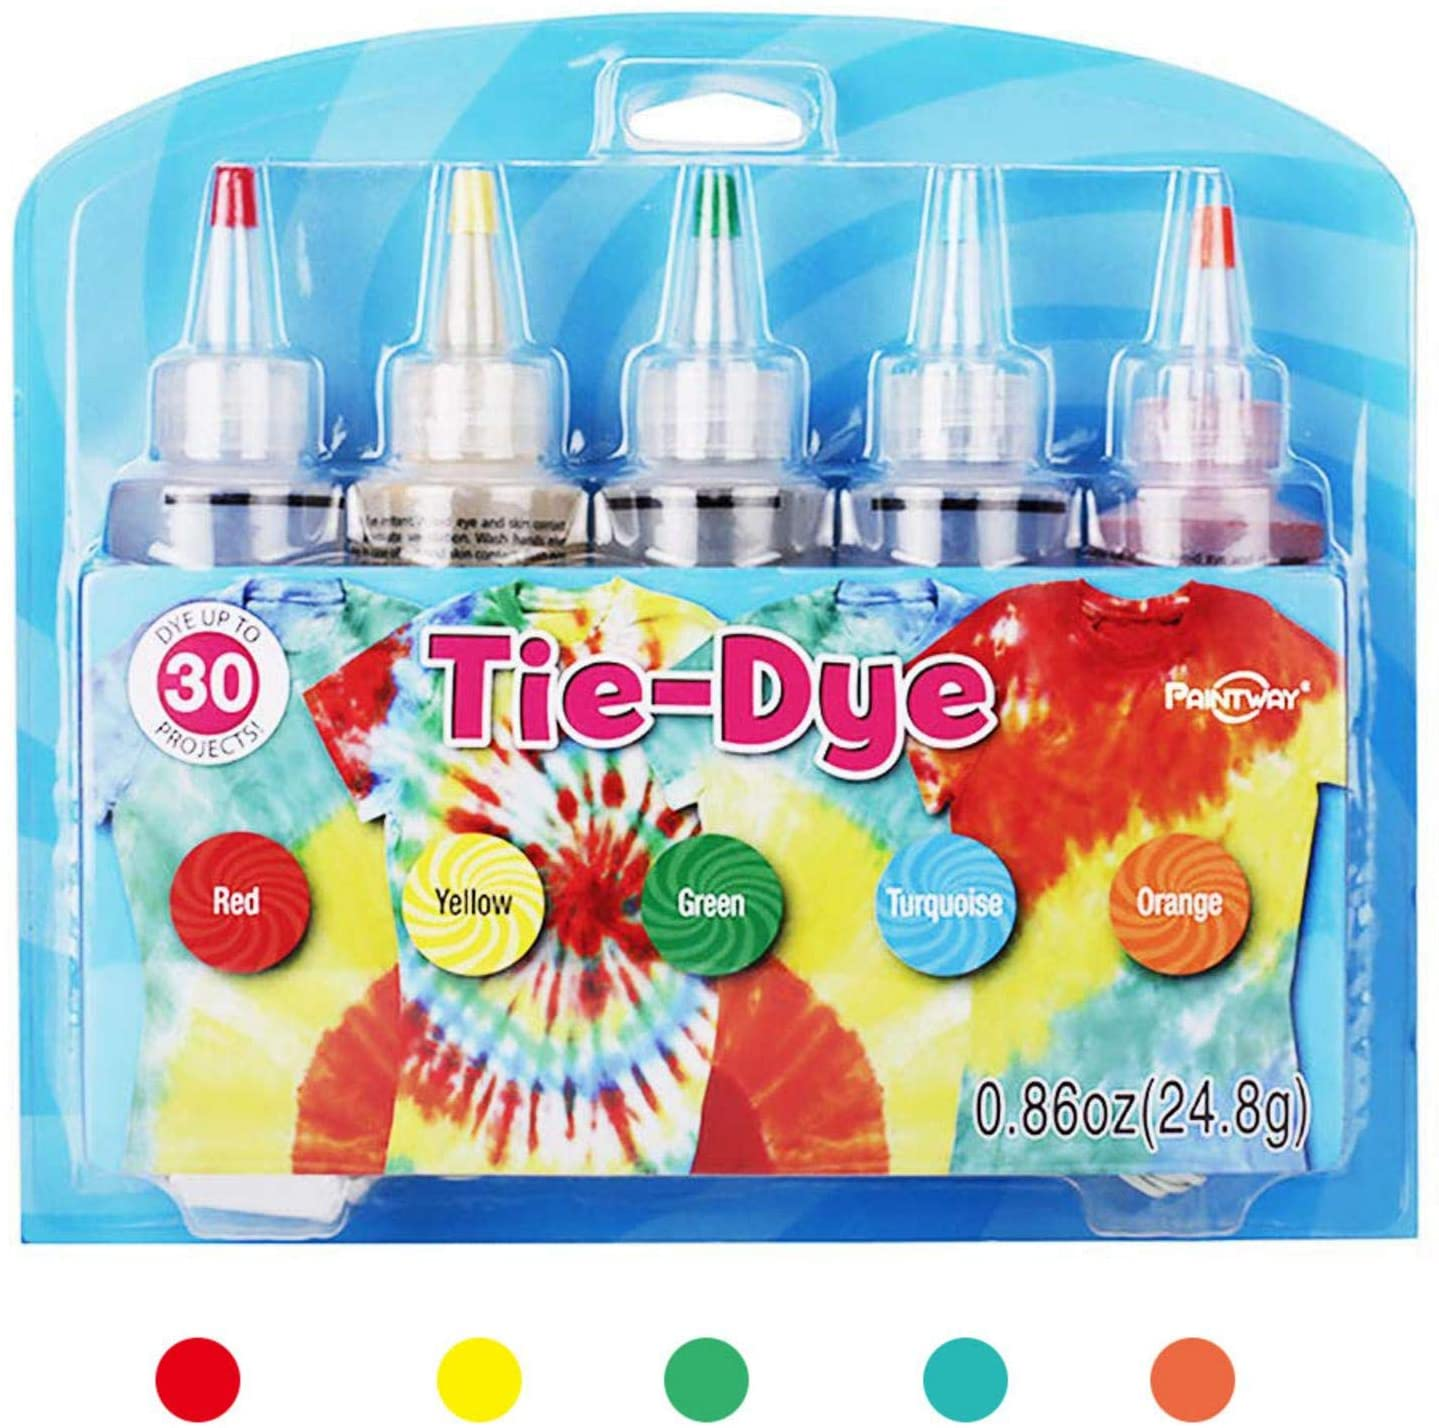 jycous Tie-Dye Kit - 5 Colors Tie-Dye Kit Cotton Linen Clothing Dyes, DIY Fashion Dye Kit Tie-Dye Kits Rainbow